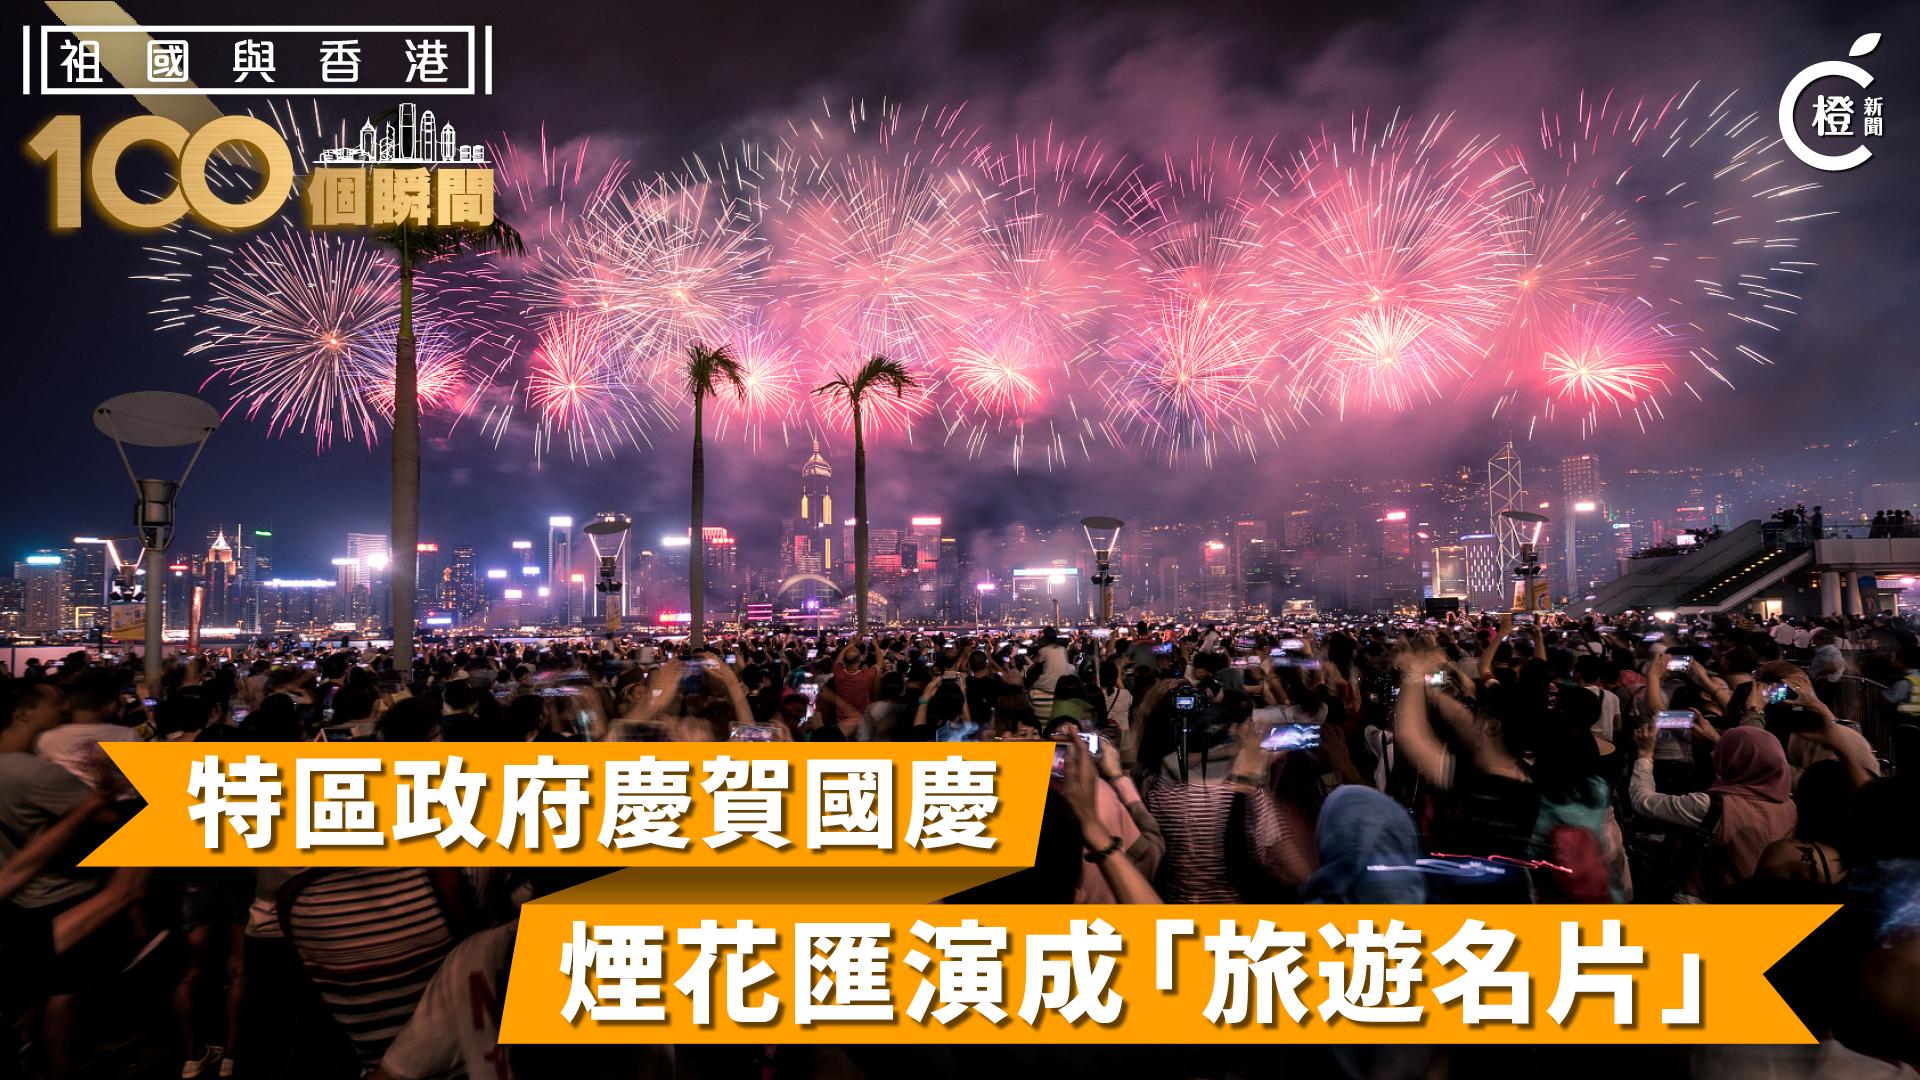 【祖國與香港100個瞬間】特區政府賀國慶 煙花匯演成「旅遊名片」